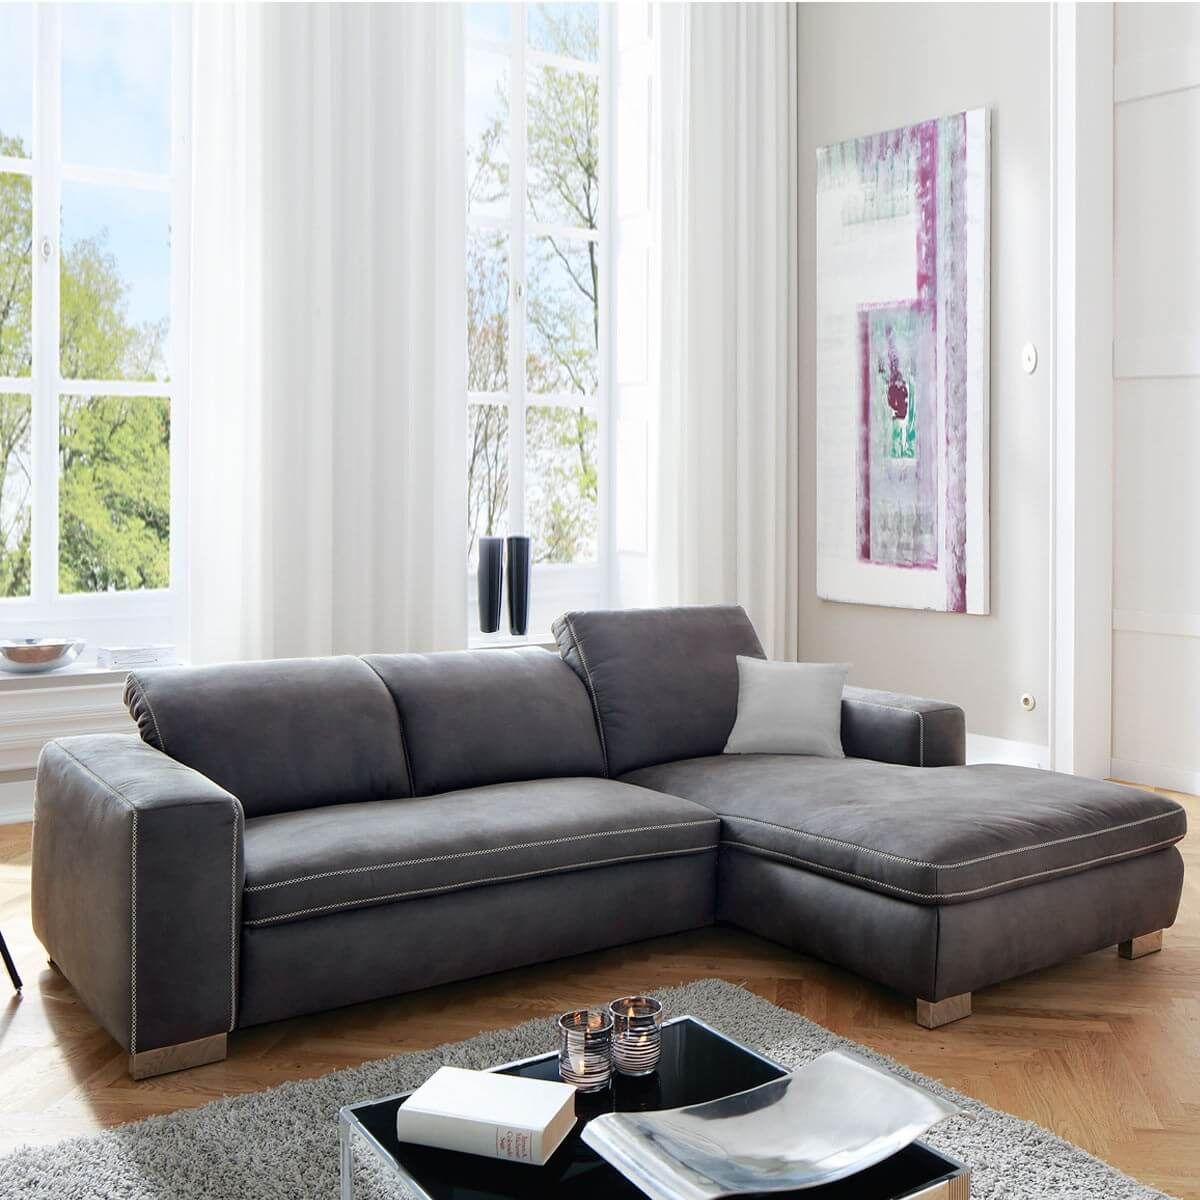 Ecksofa Herlev In Stoffgewebe Grau Sofas Wohnzimmer Wohnzimmer Wohn Design